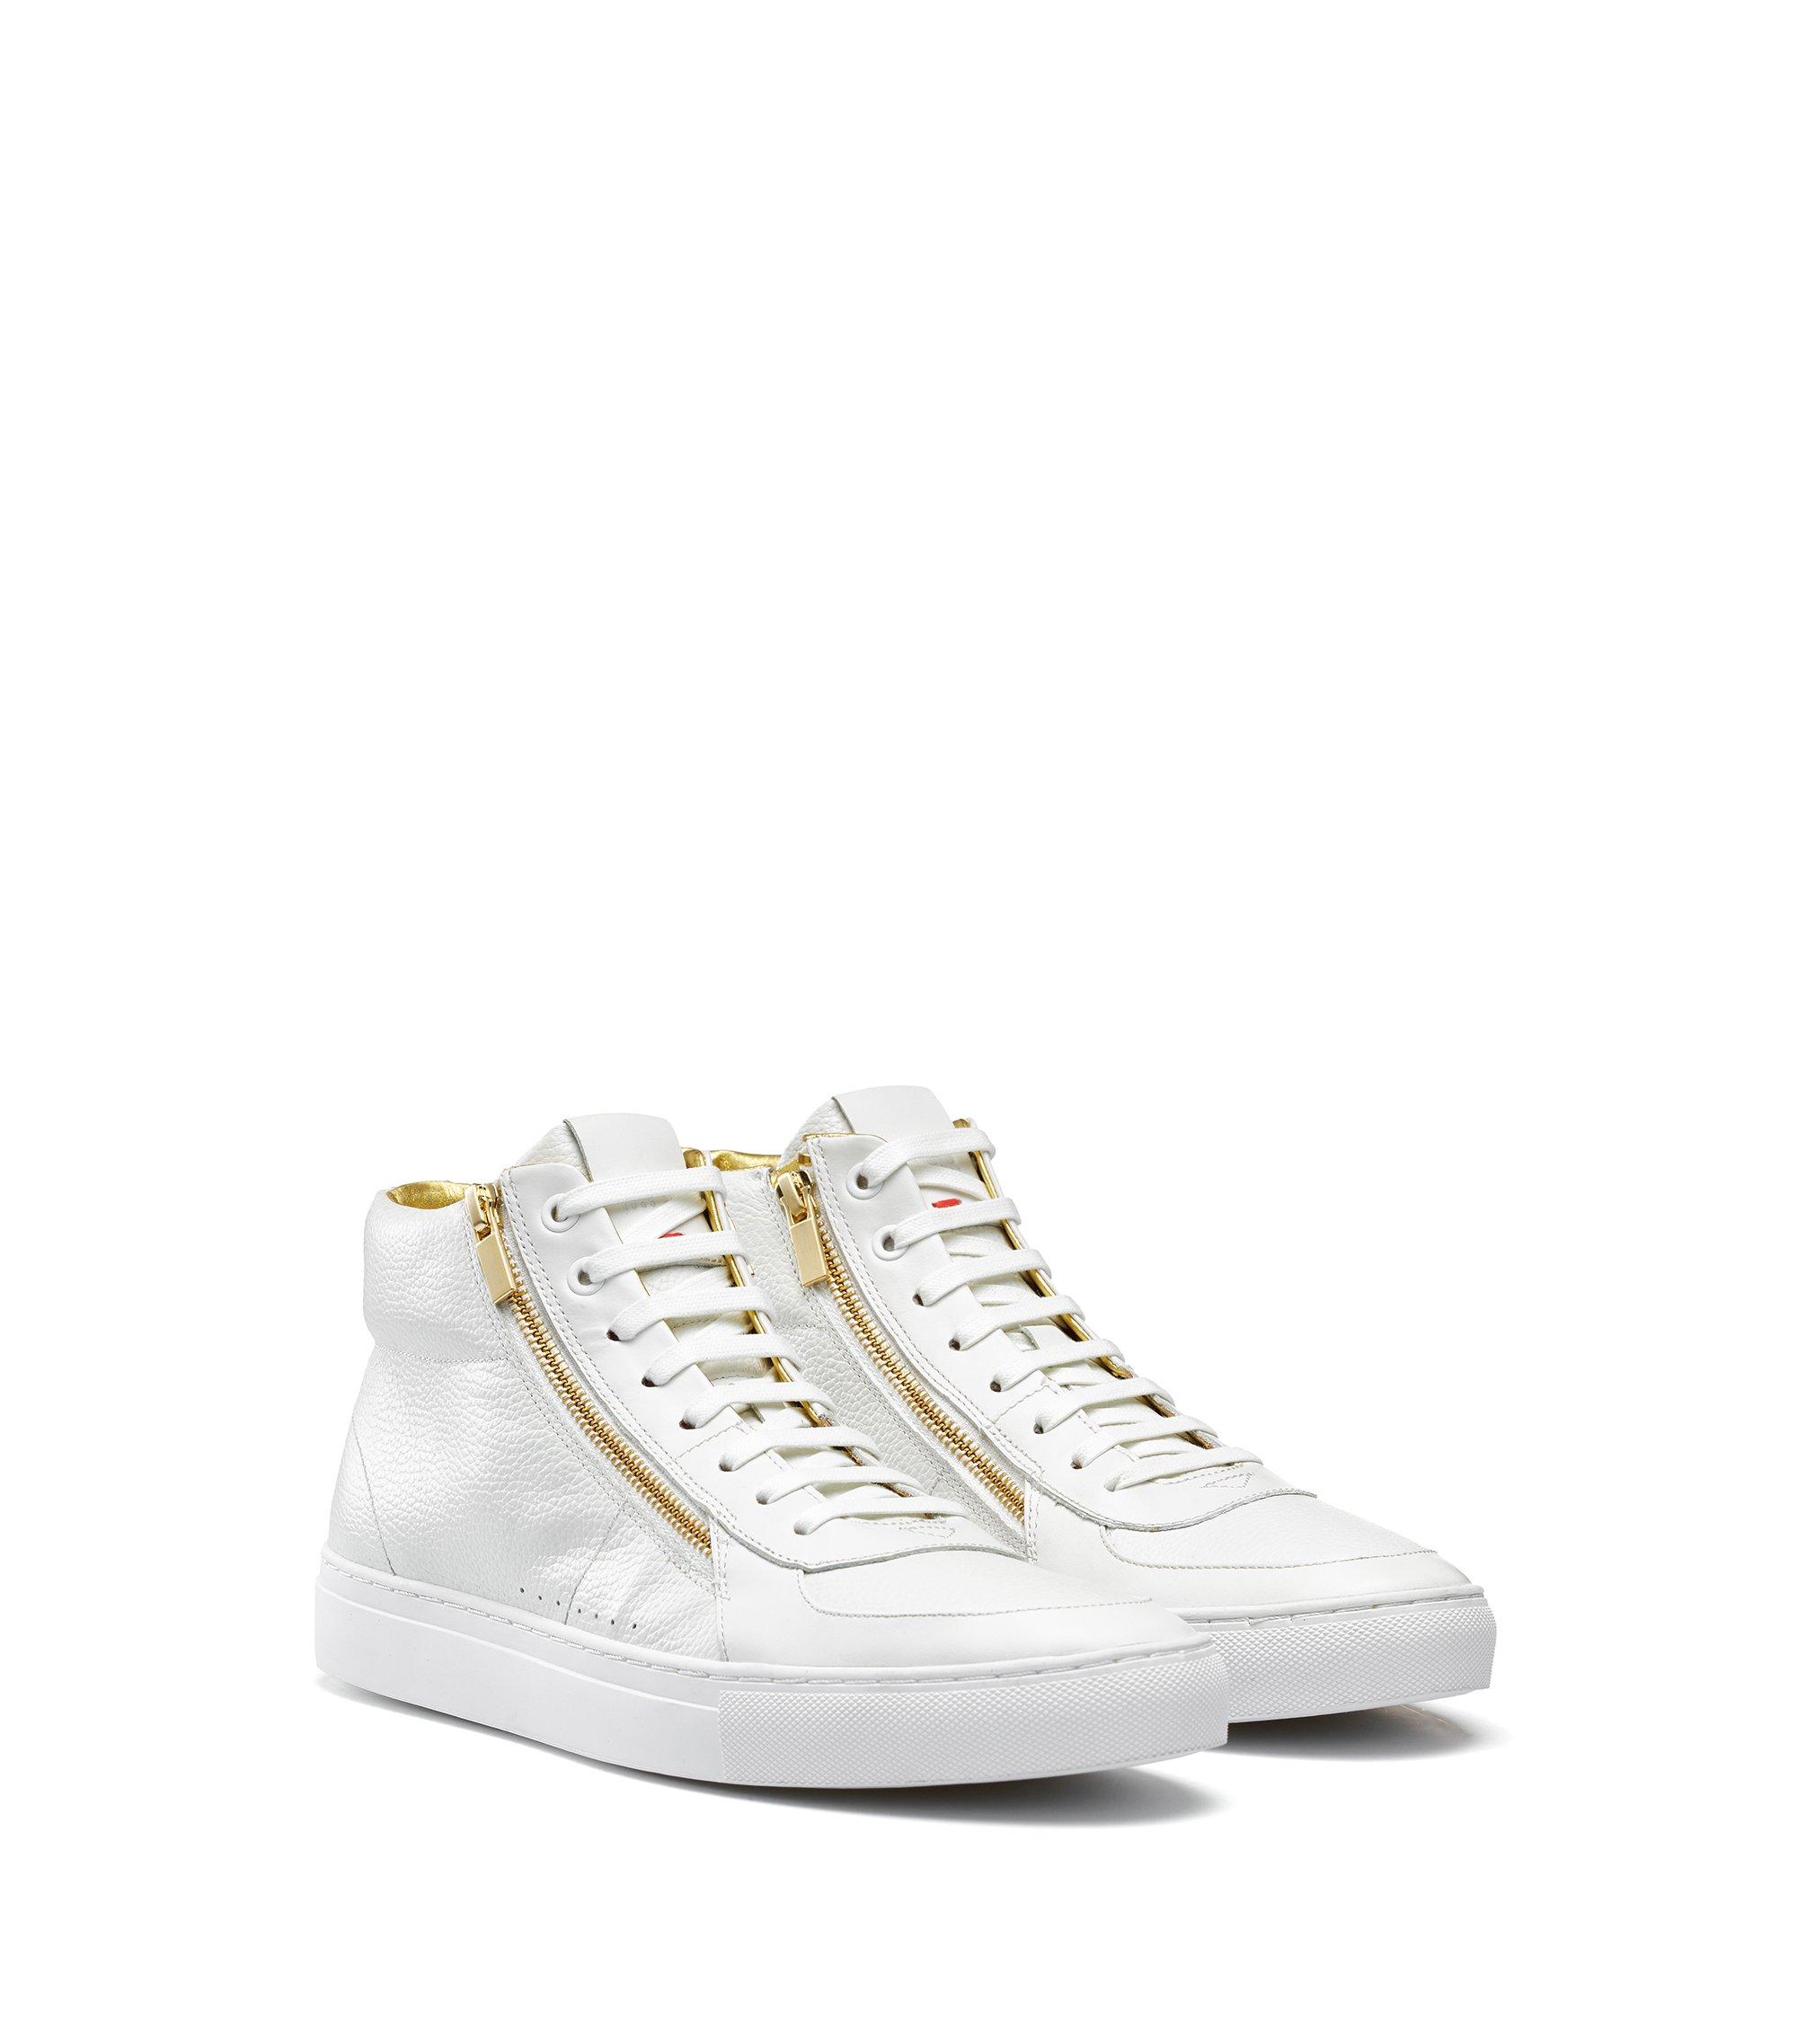 Hightop Sneakers aus gewalktem Leder und Nappaleder mit Reißverschlüssen, Weiß